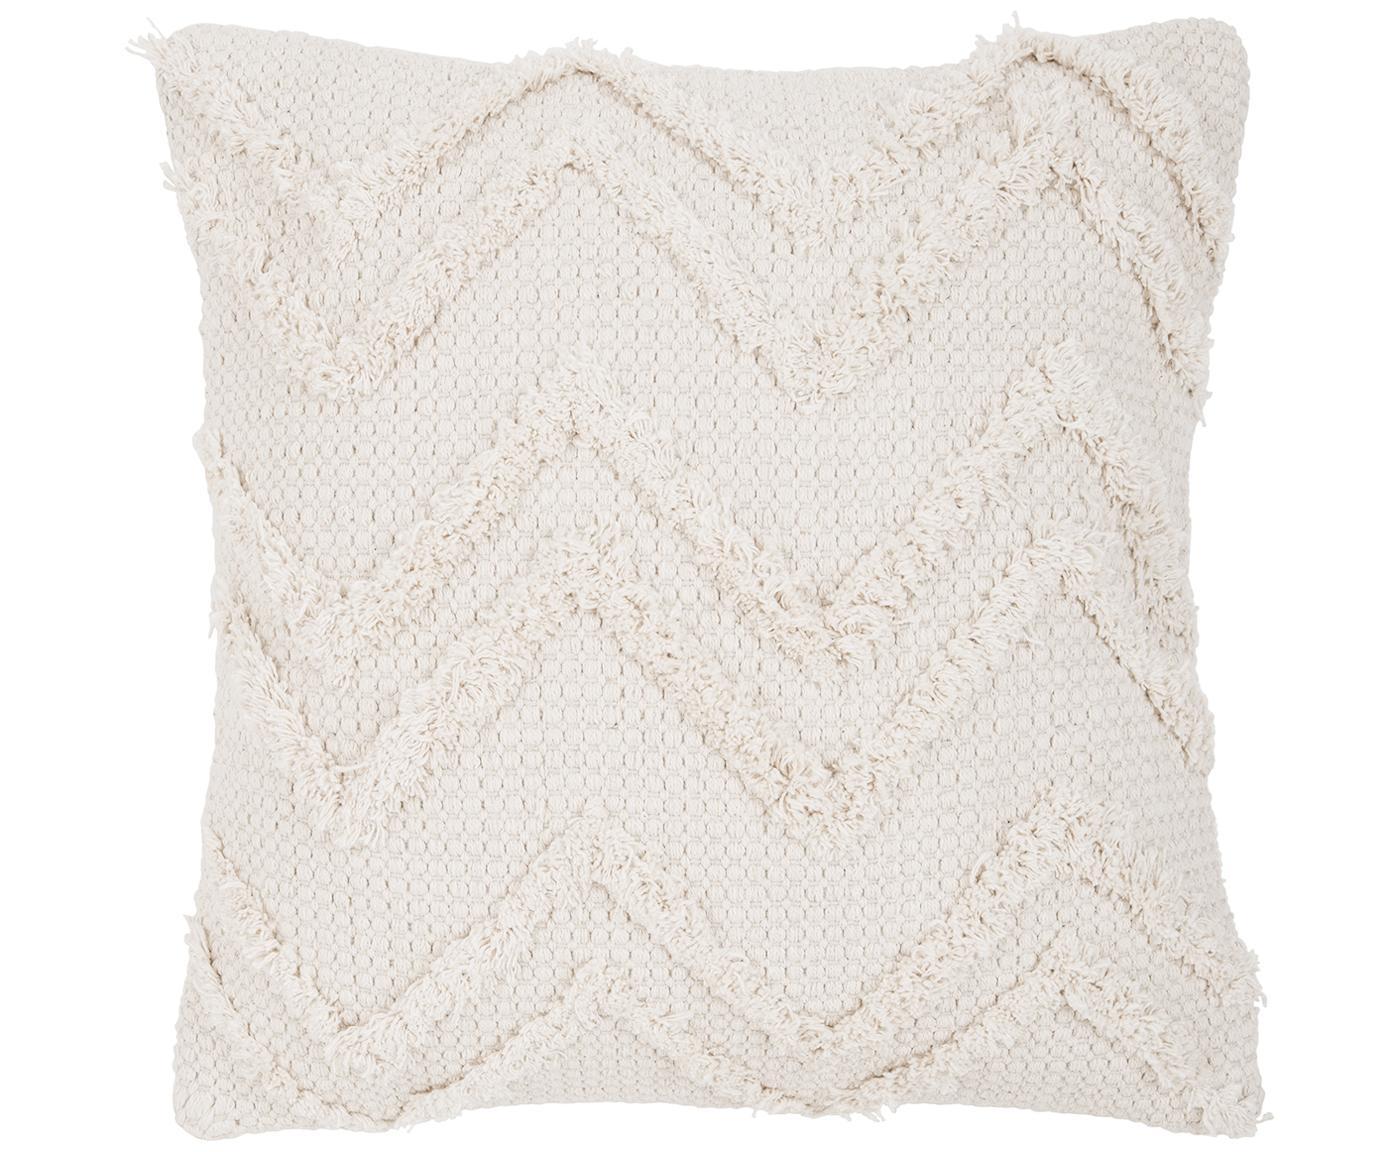 Kussenhoes Akesha met zigzag patroon, 100% katoen, Ecru, 45 x 45 cm